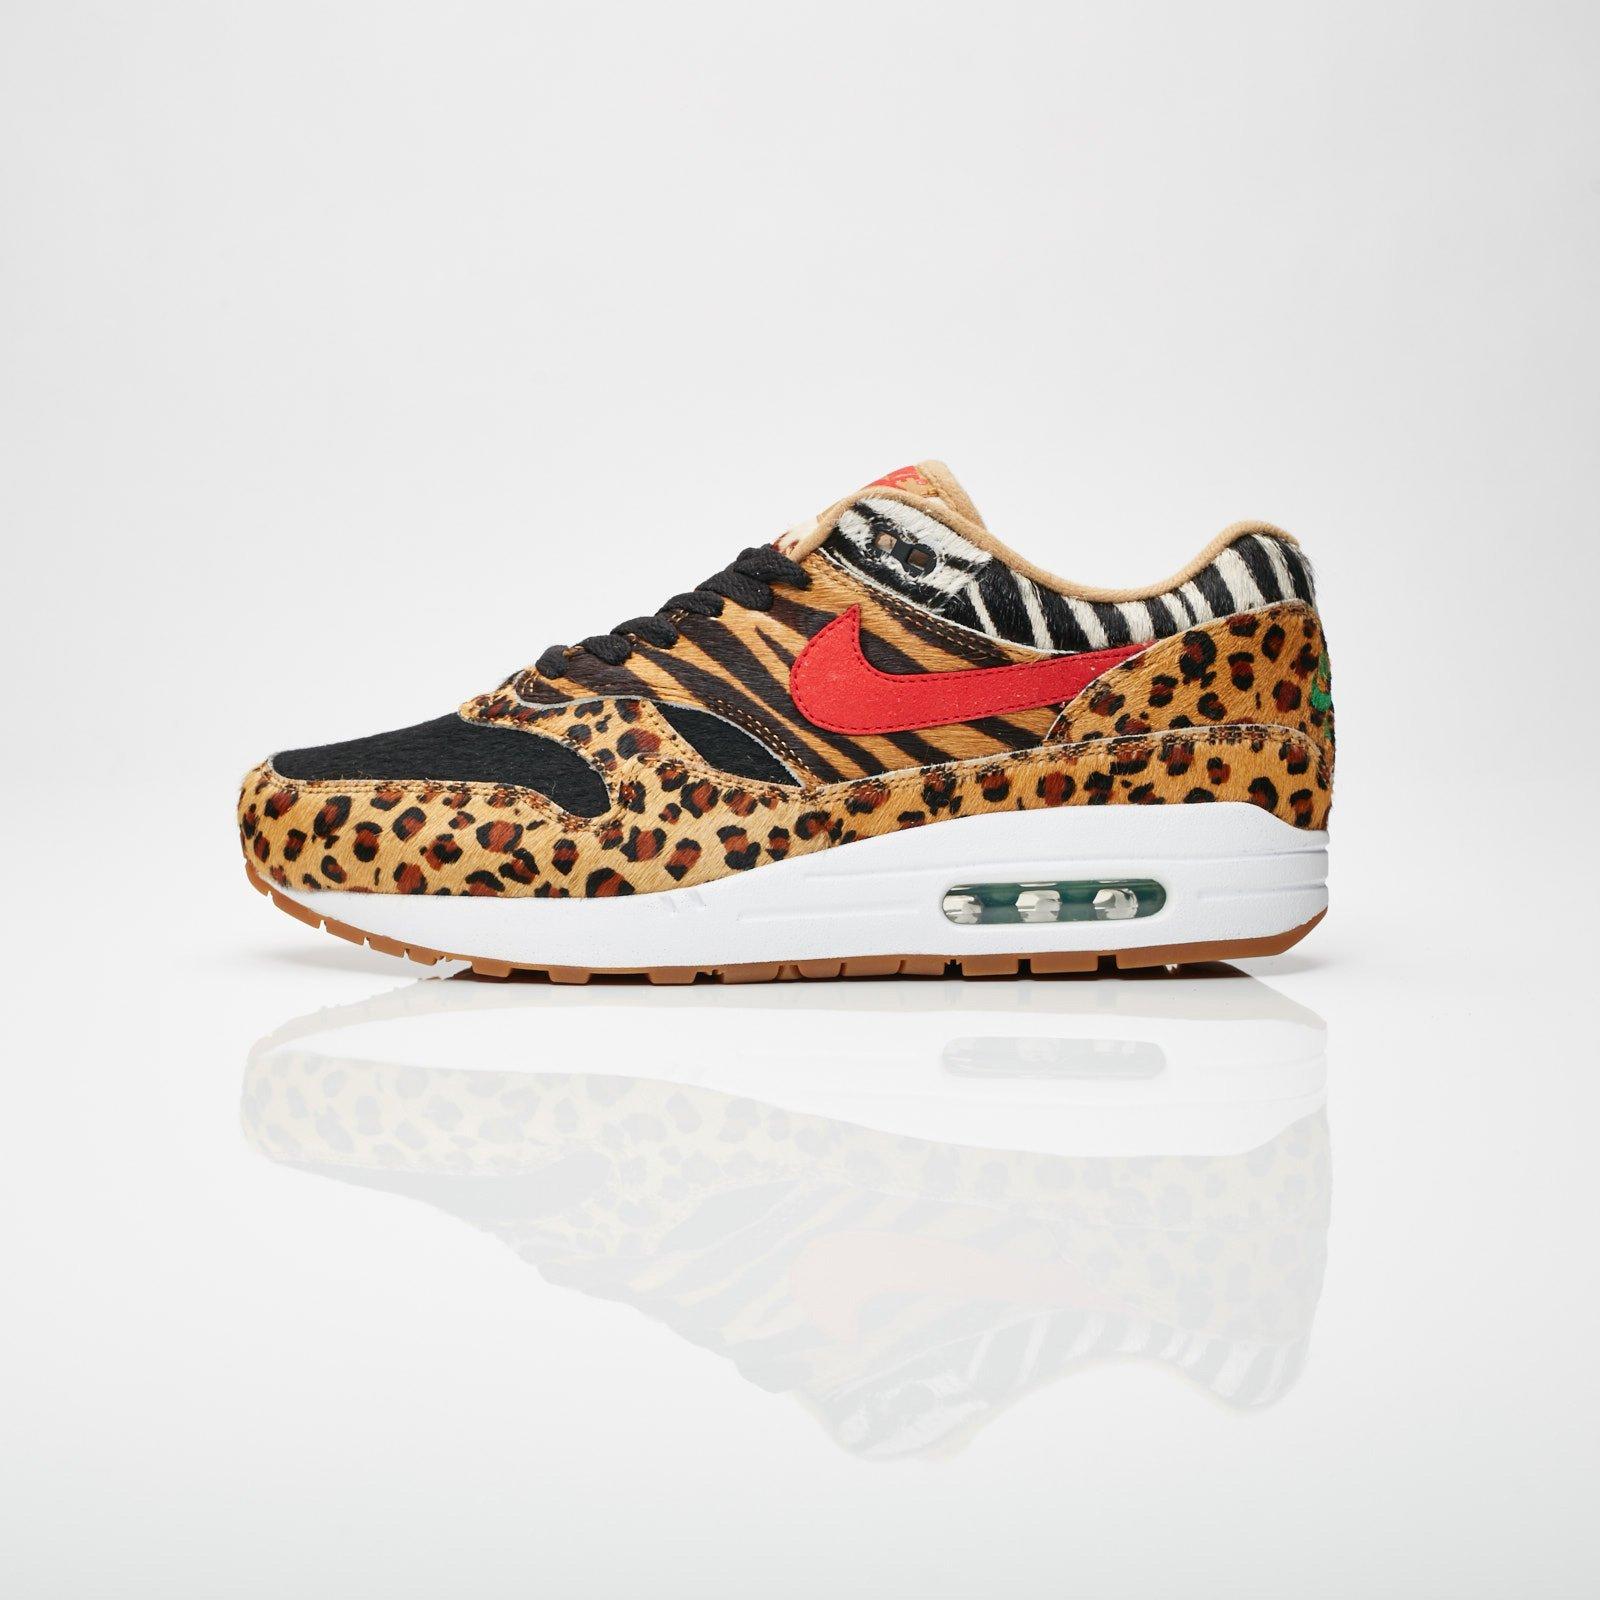 Nike Air Max 1 DLX Atmos Animal AQ0928 700   43einhalb Sneaker Store